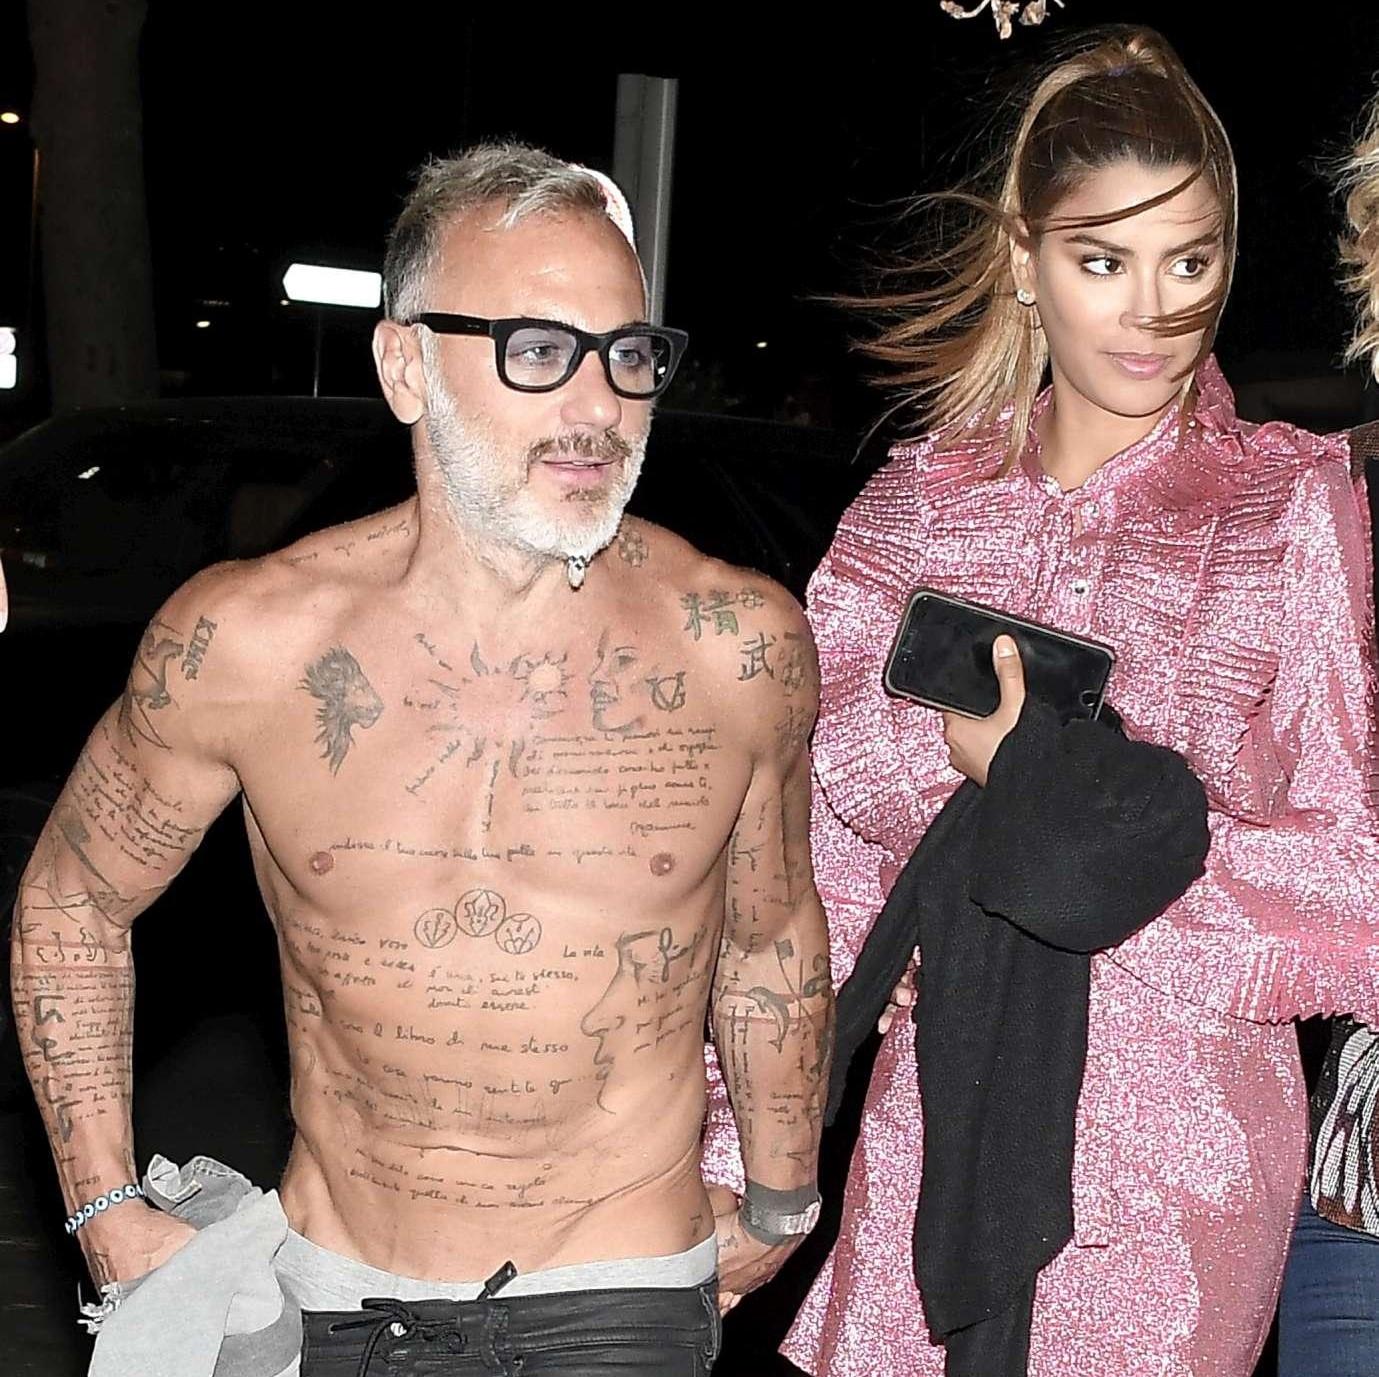 Gianluca Vacchi se la spassa a Saint Tropez con la sexy fidanzata Ariadna Gutierrez